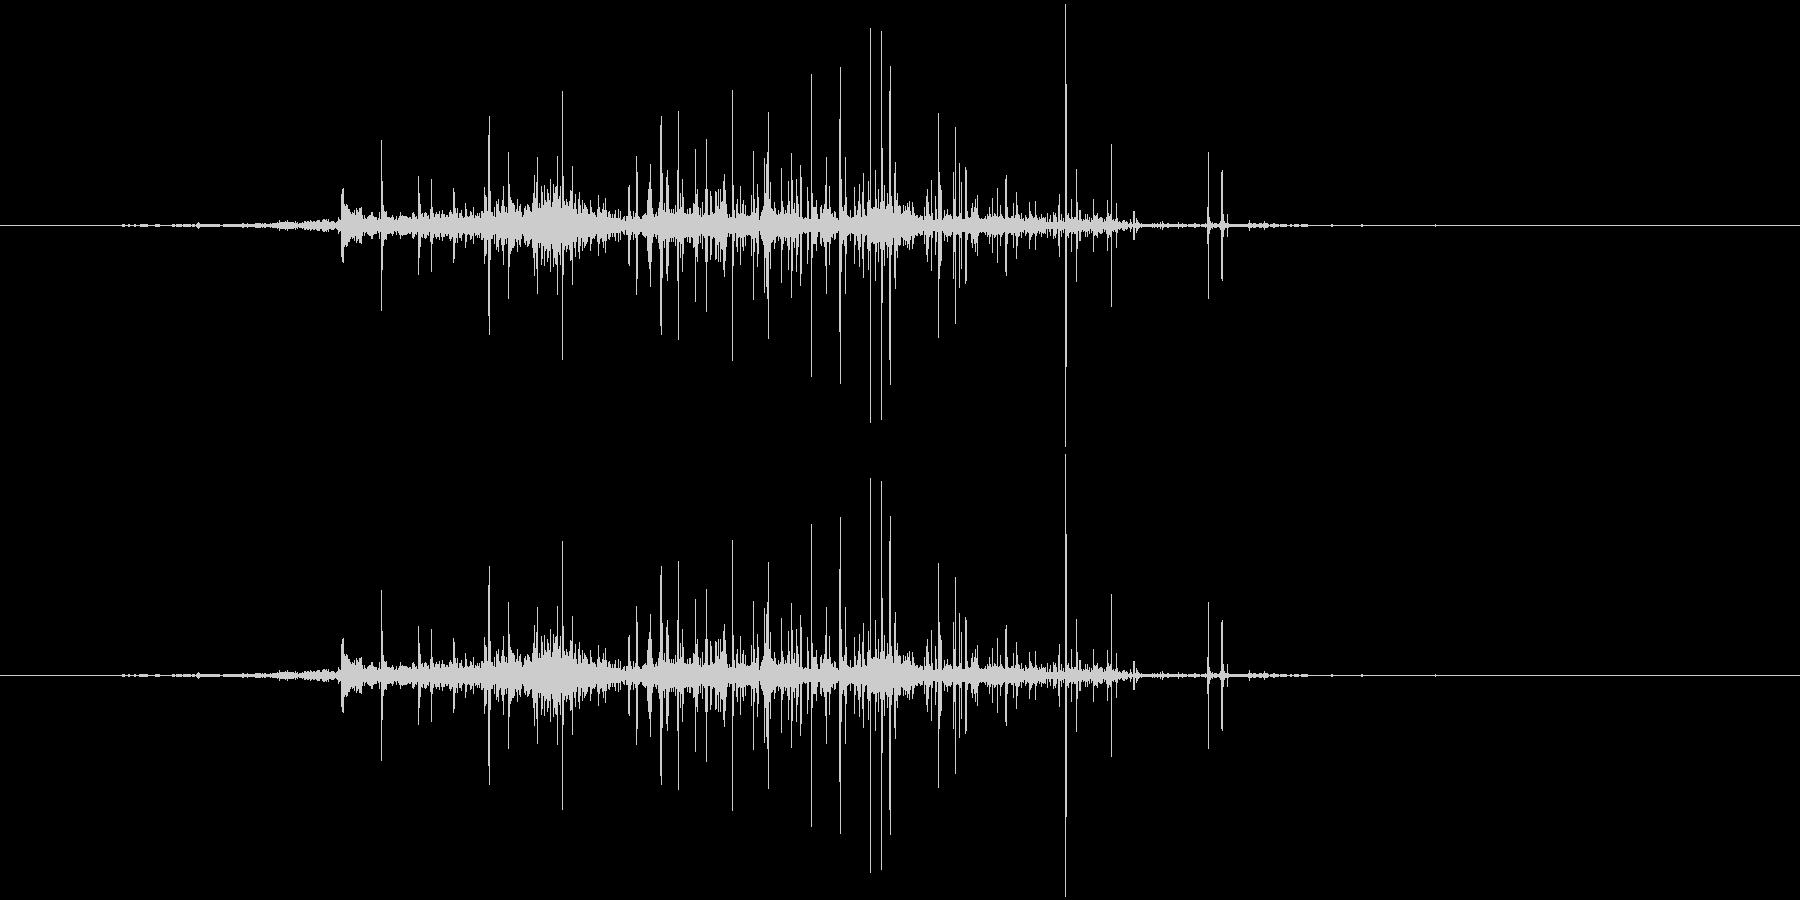 紙をまるめる音(クシャクシャ)の未再生の波形